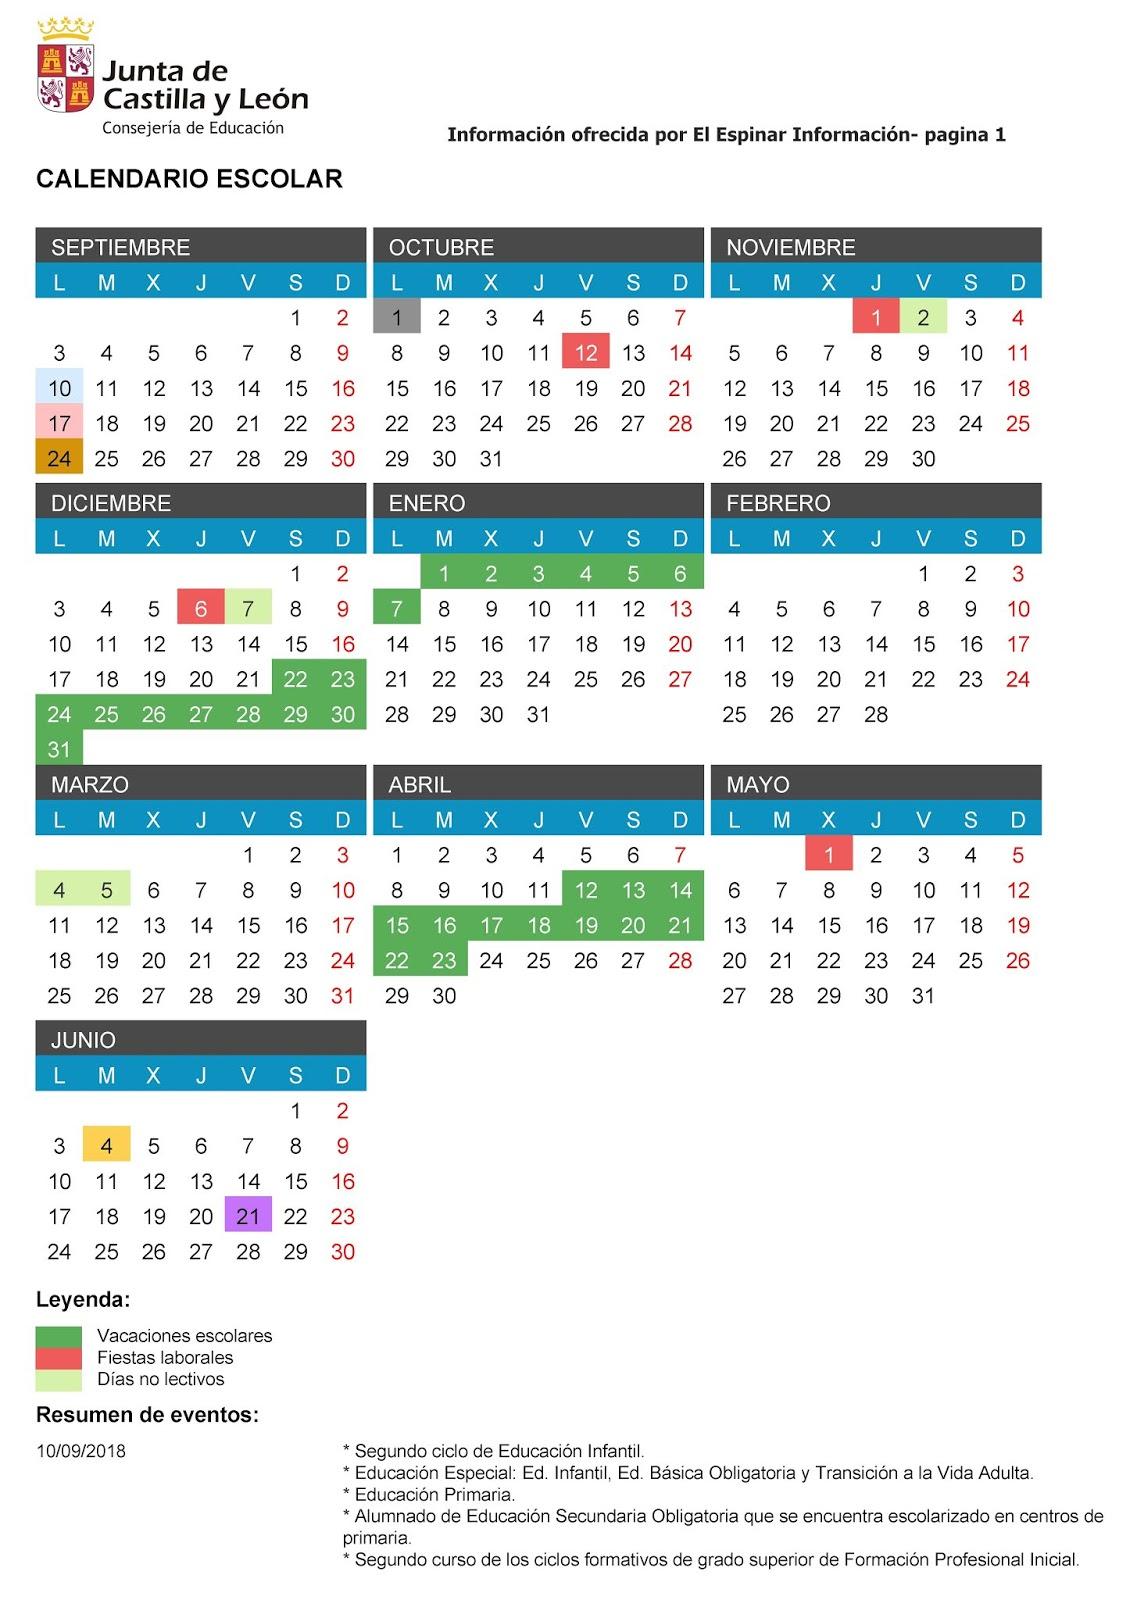 Calendario 2019 Castilla Y Leon.Calendario Escolar 2018 2019